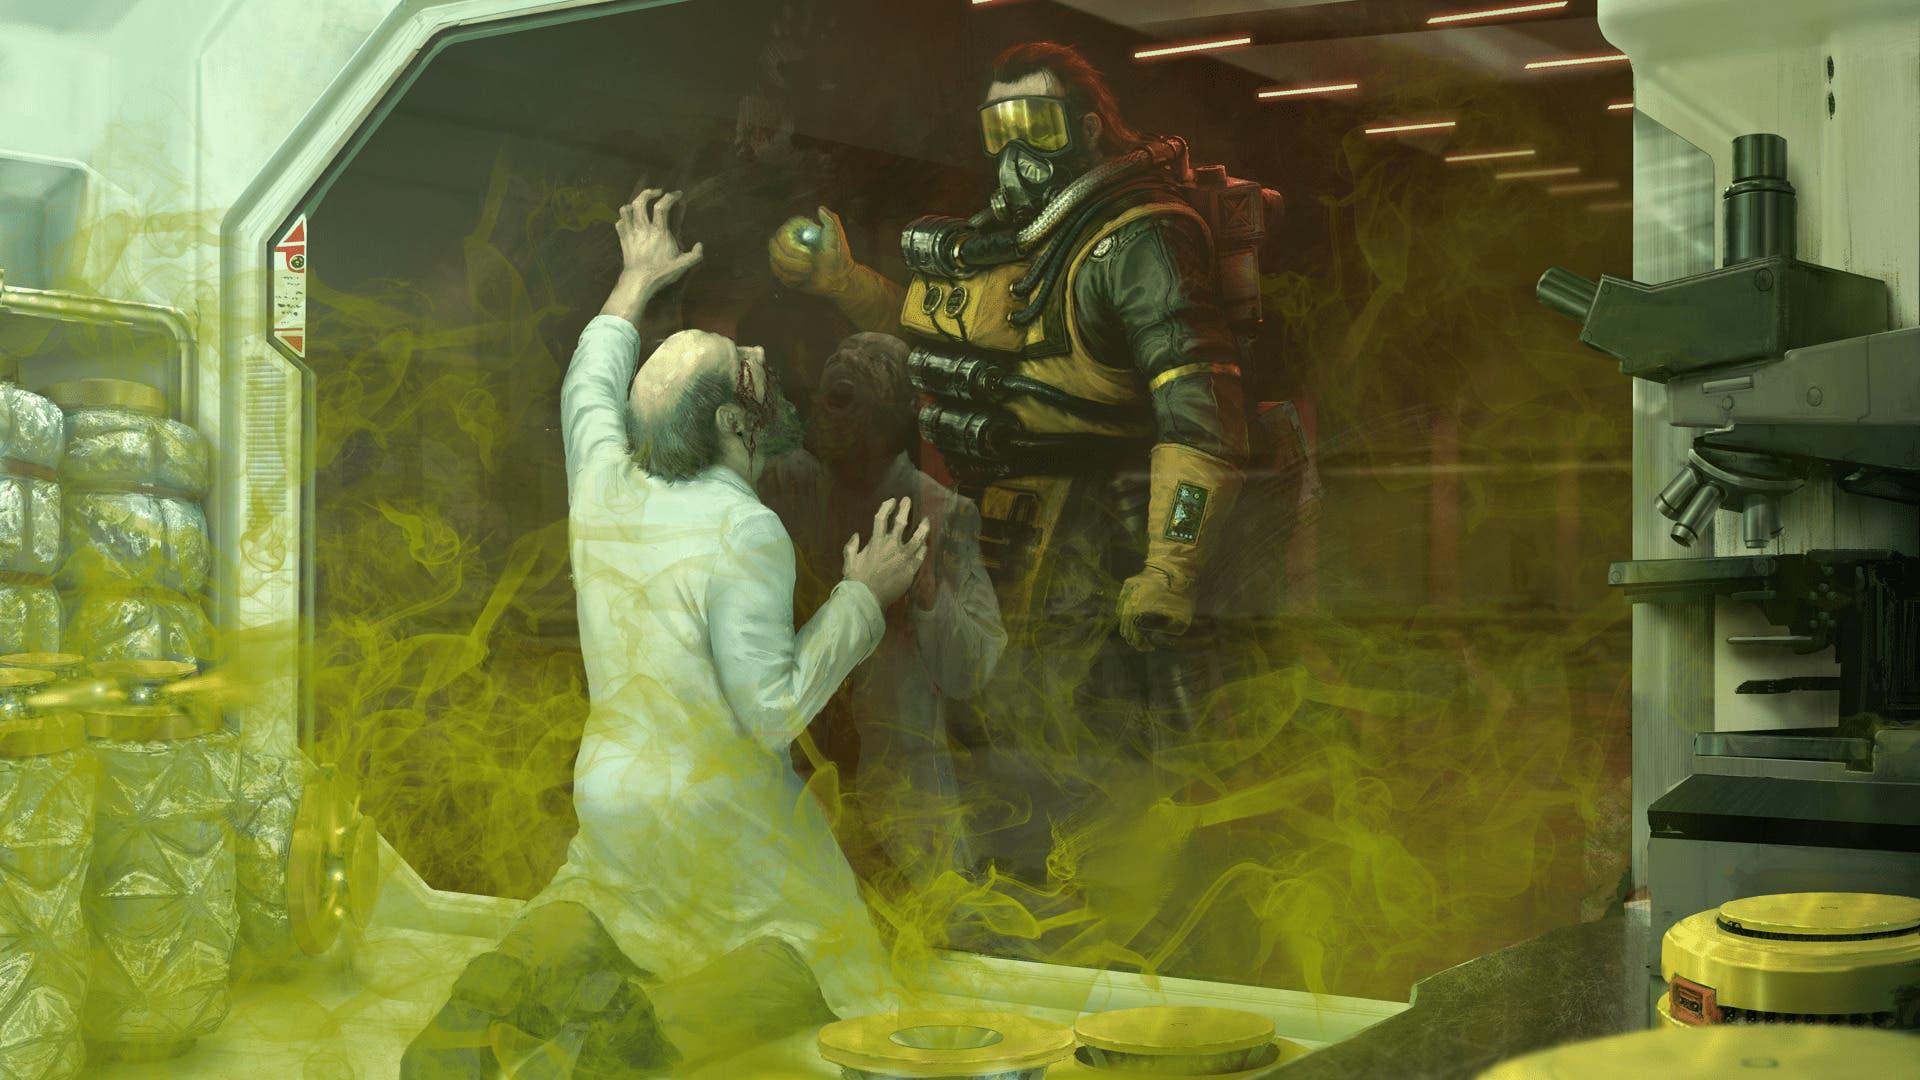 Imagen de Se filtran nuevos detalles sobre nuevos personajes que llegarían a Apex Legends